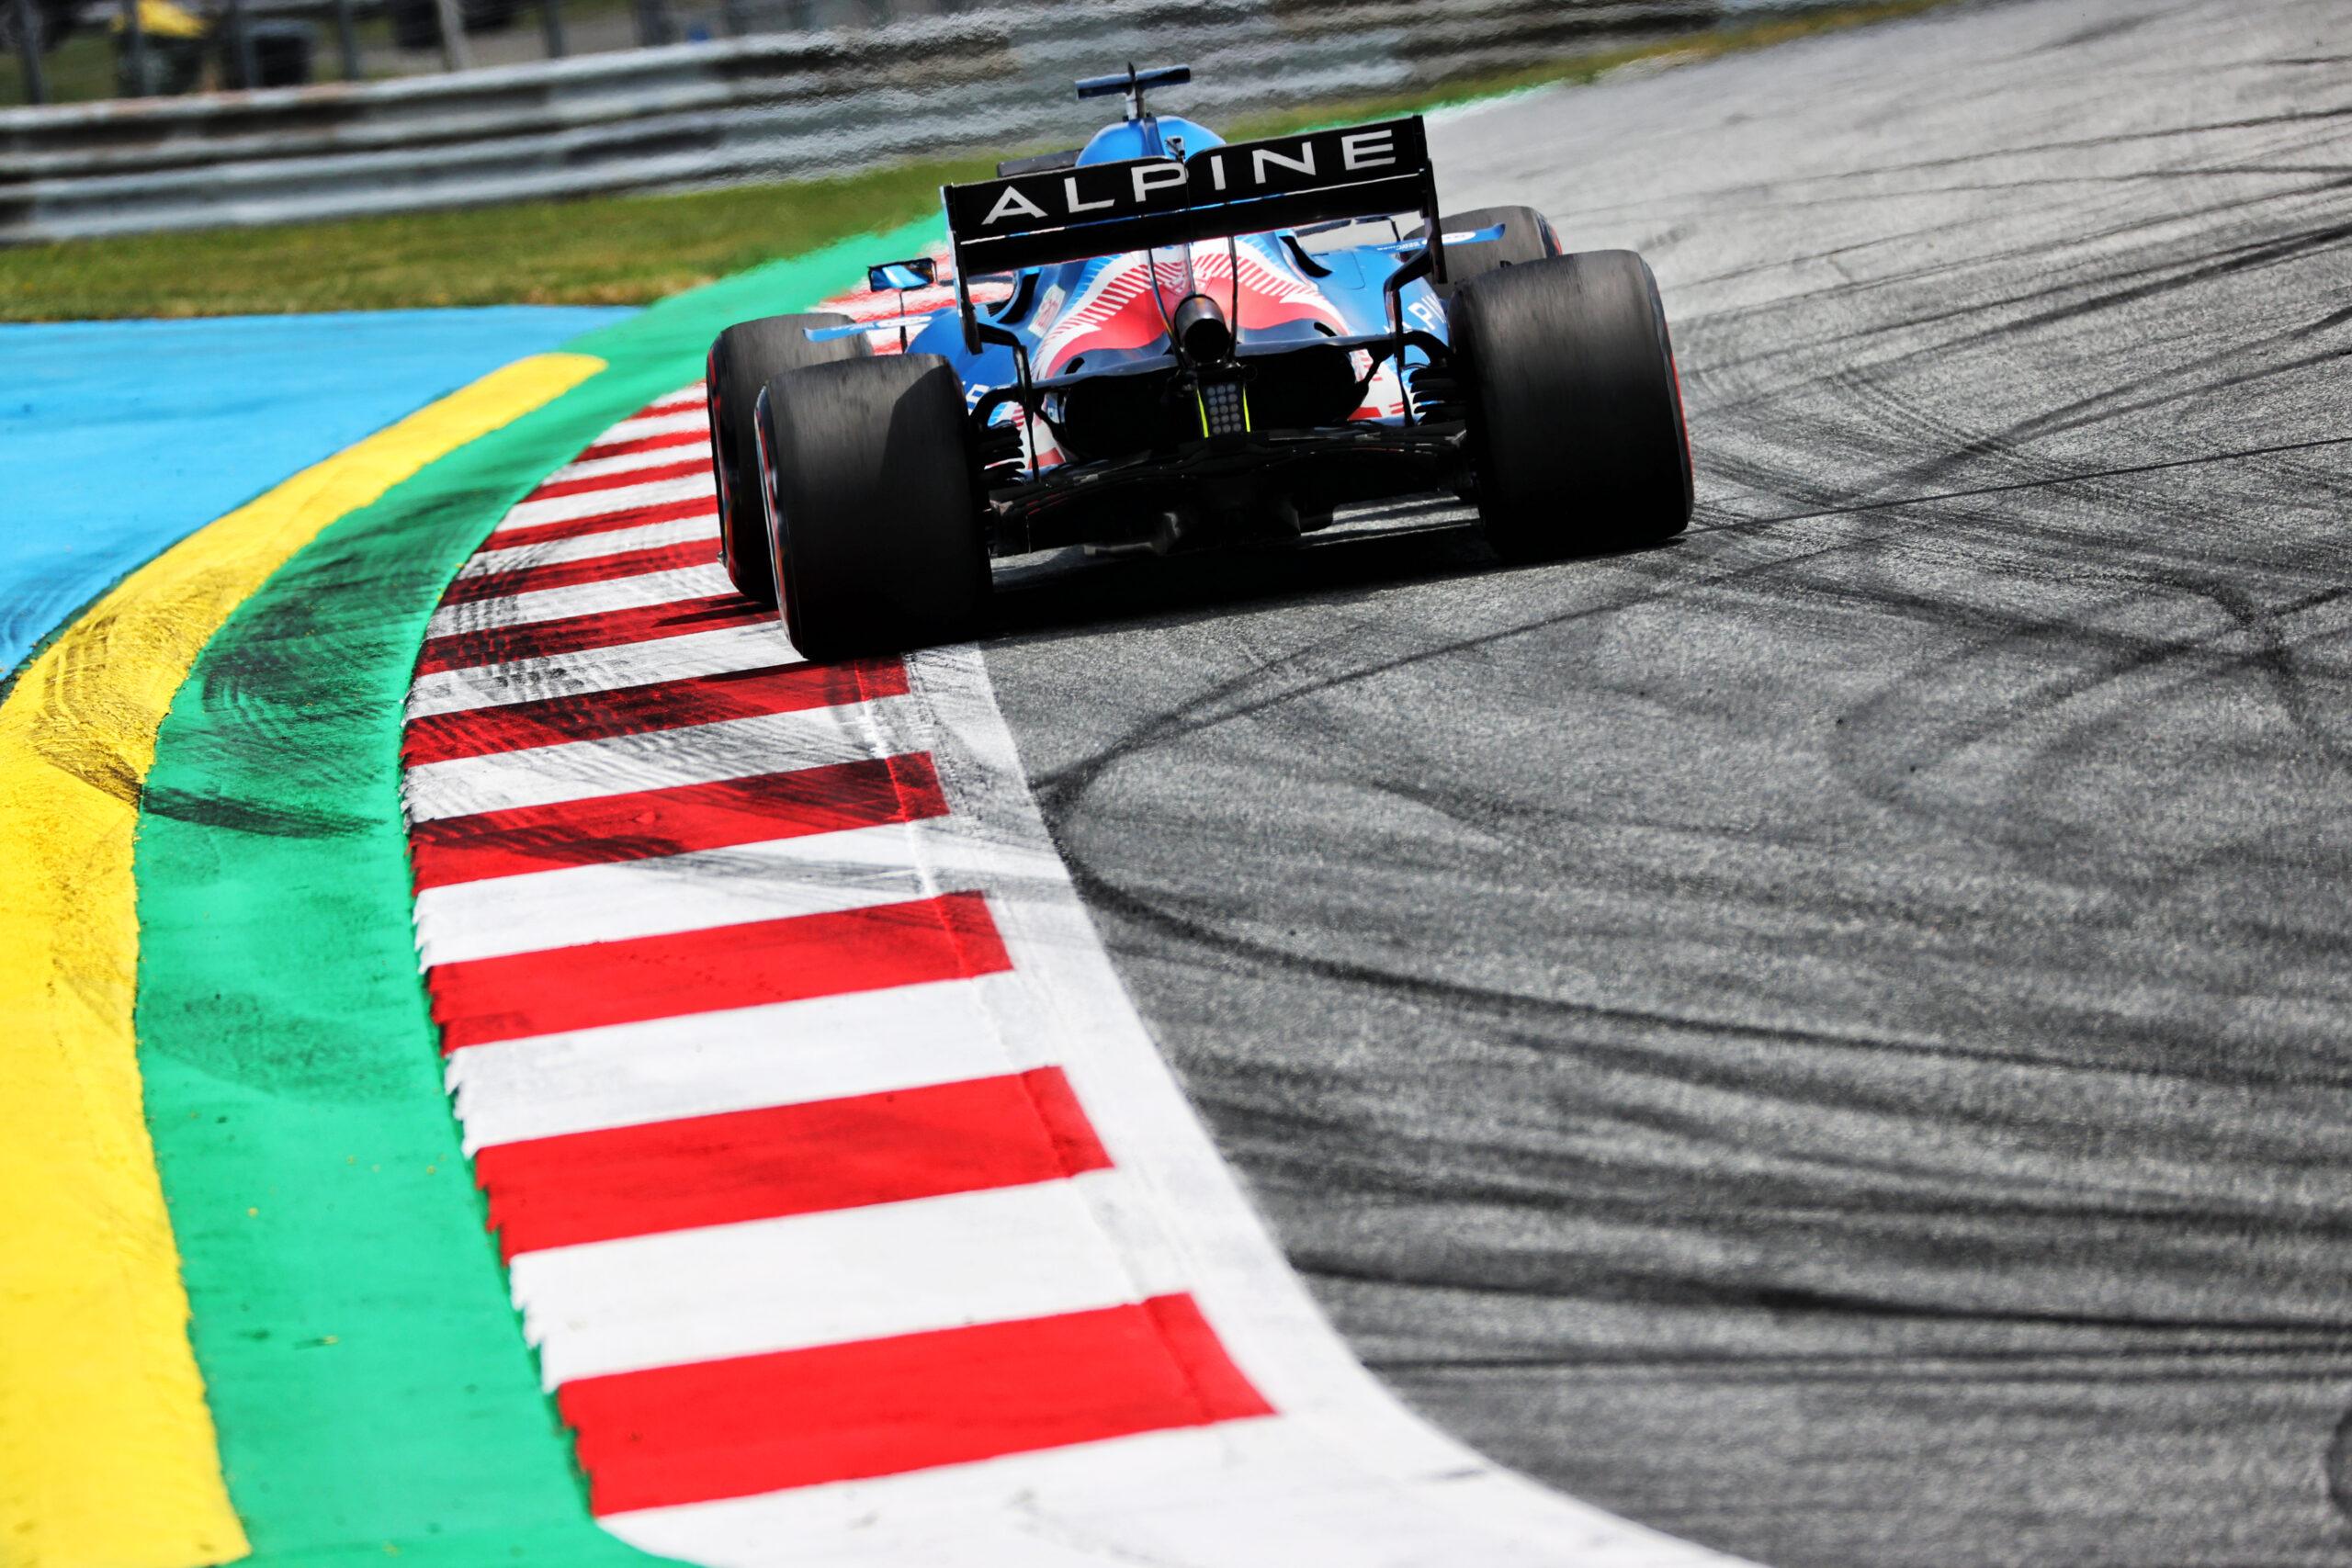 F1 - Alonso voit les deux courses à Spielberg comme une opportunité pour s'améliorer